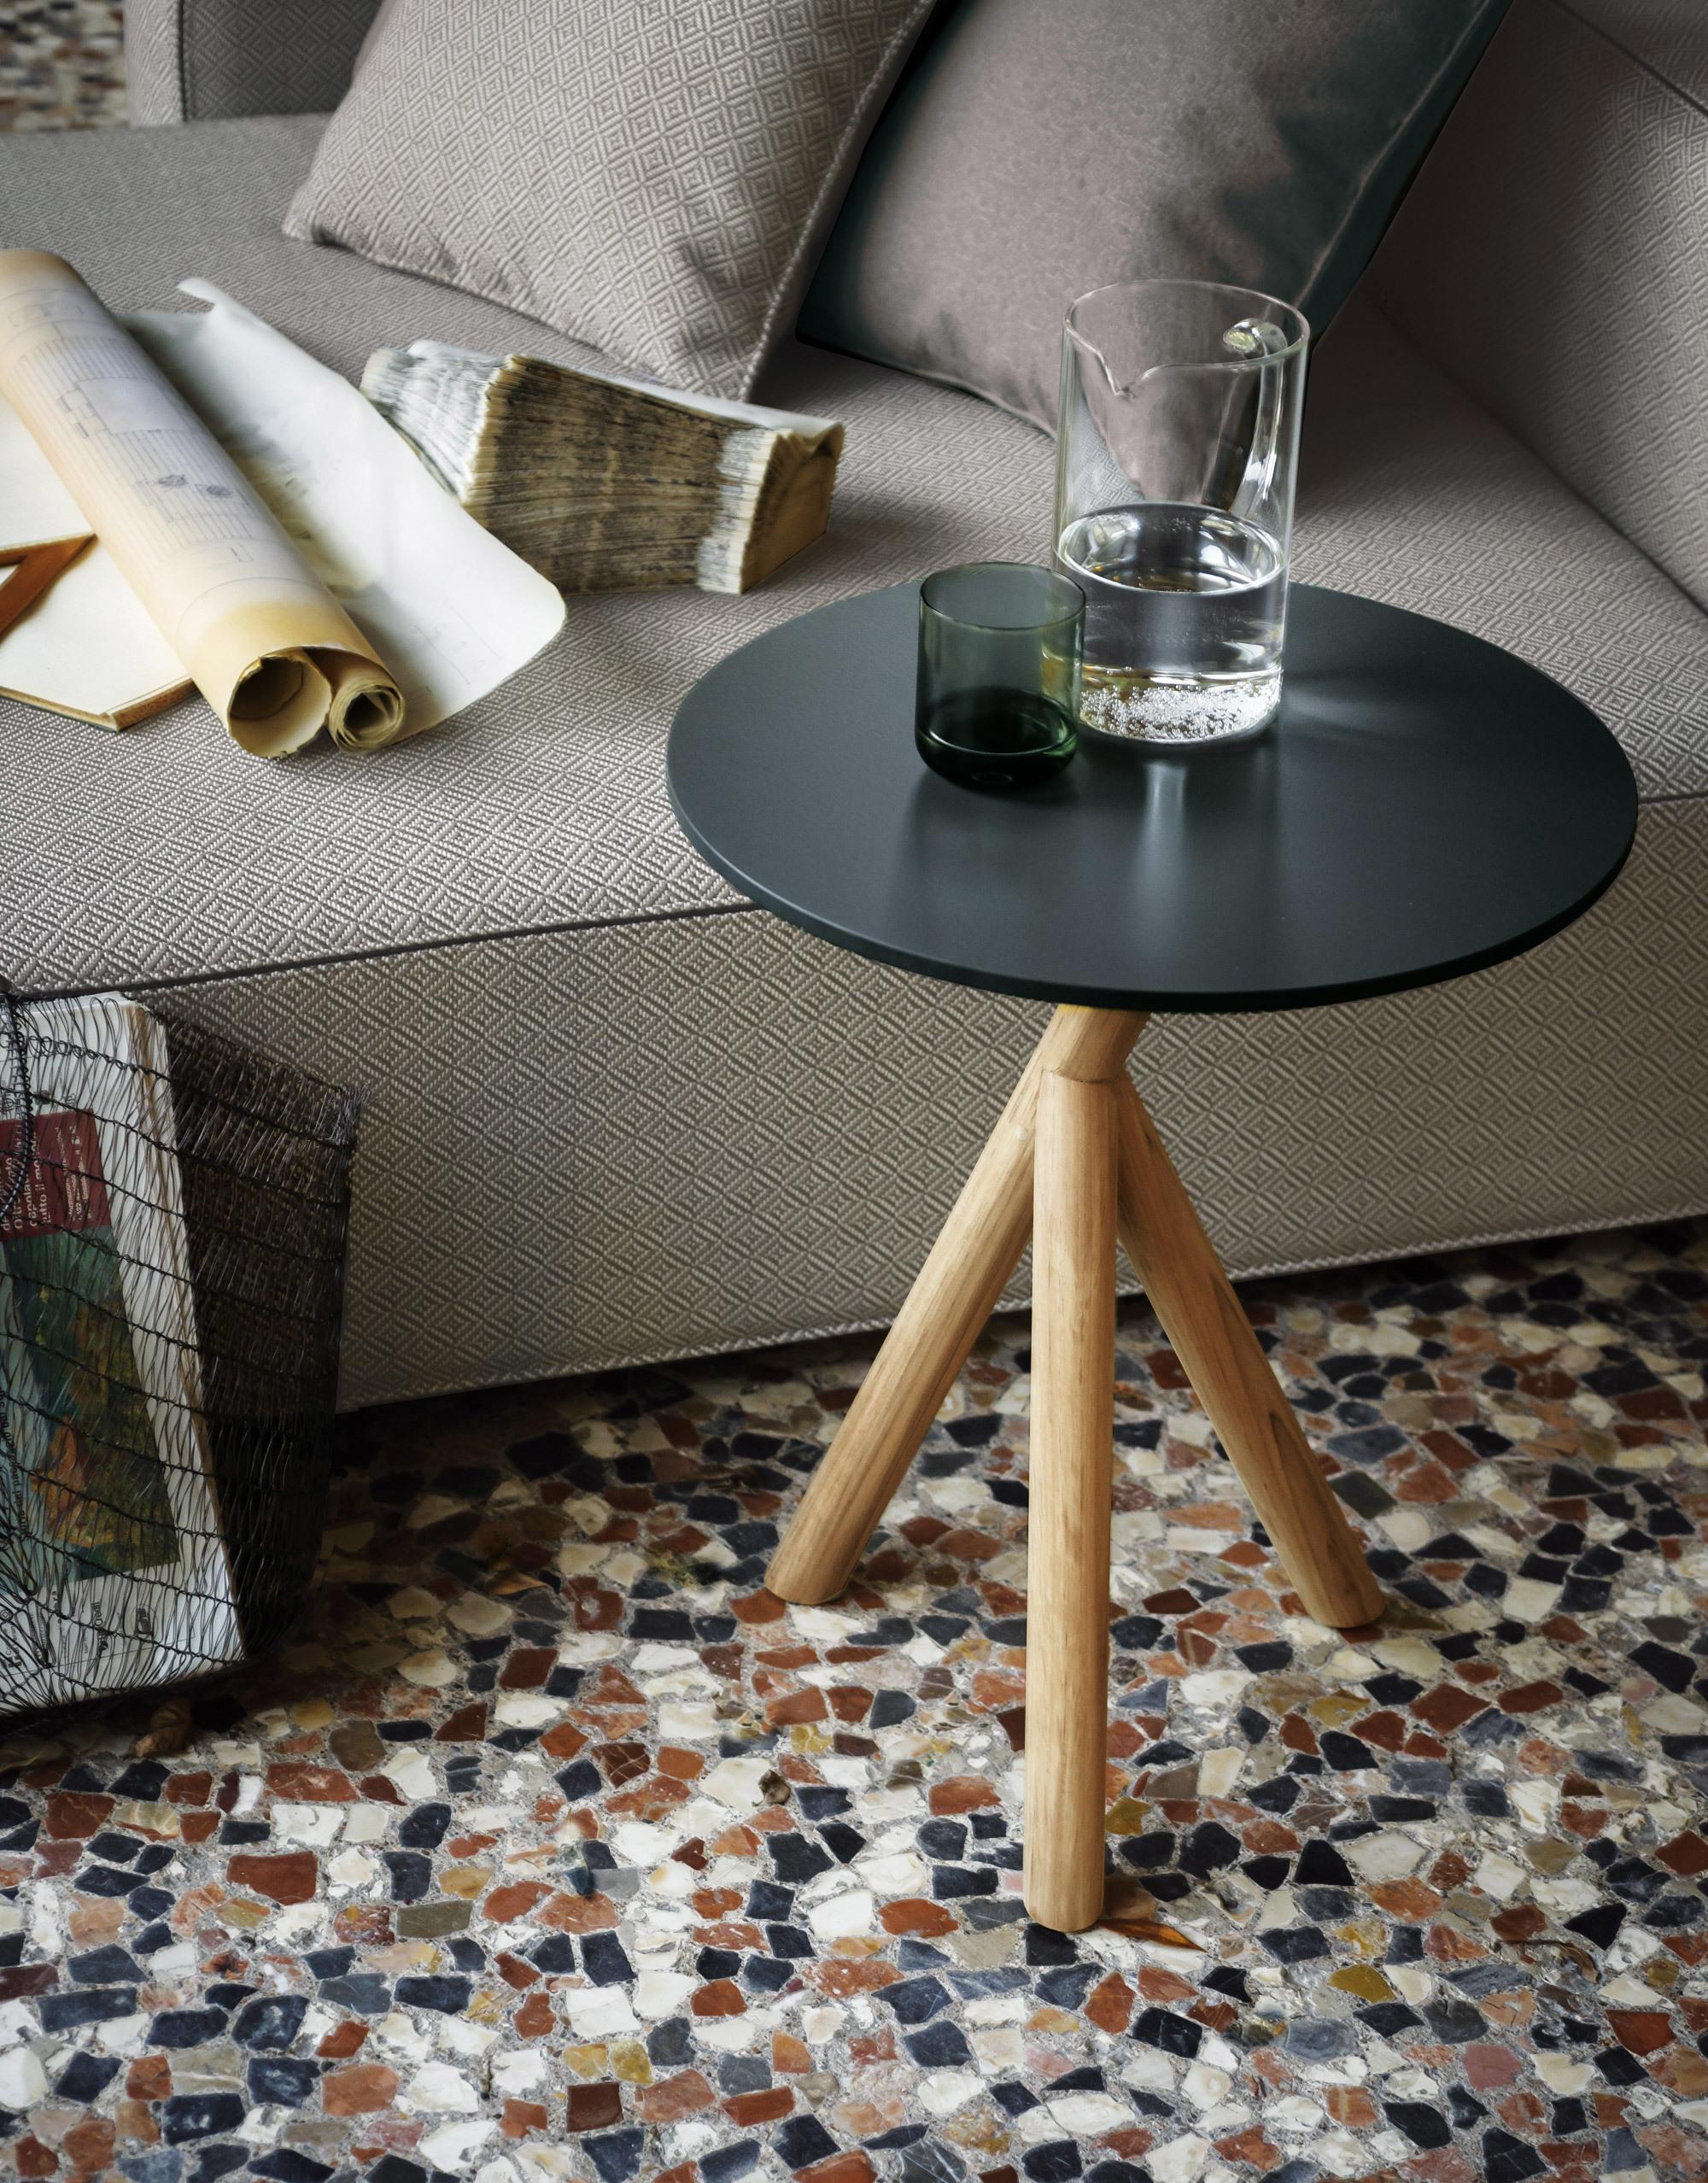 STORK side table by Roda   STYLEPARK